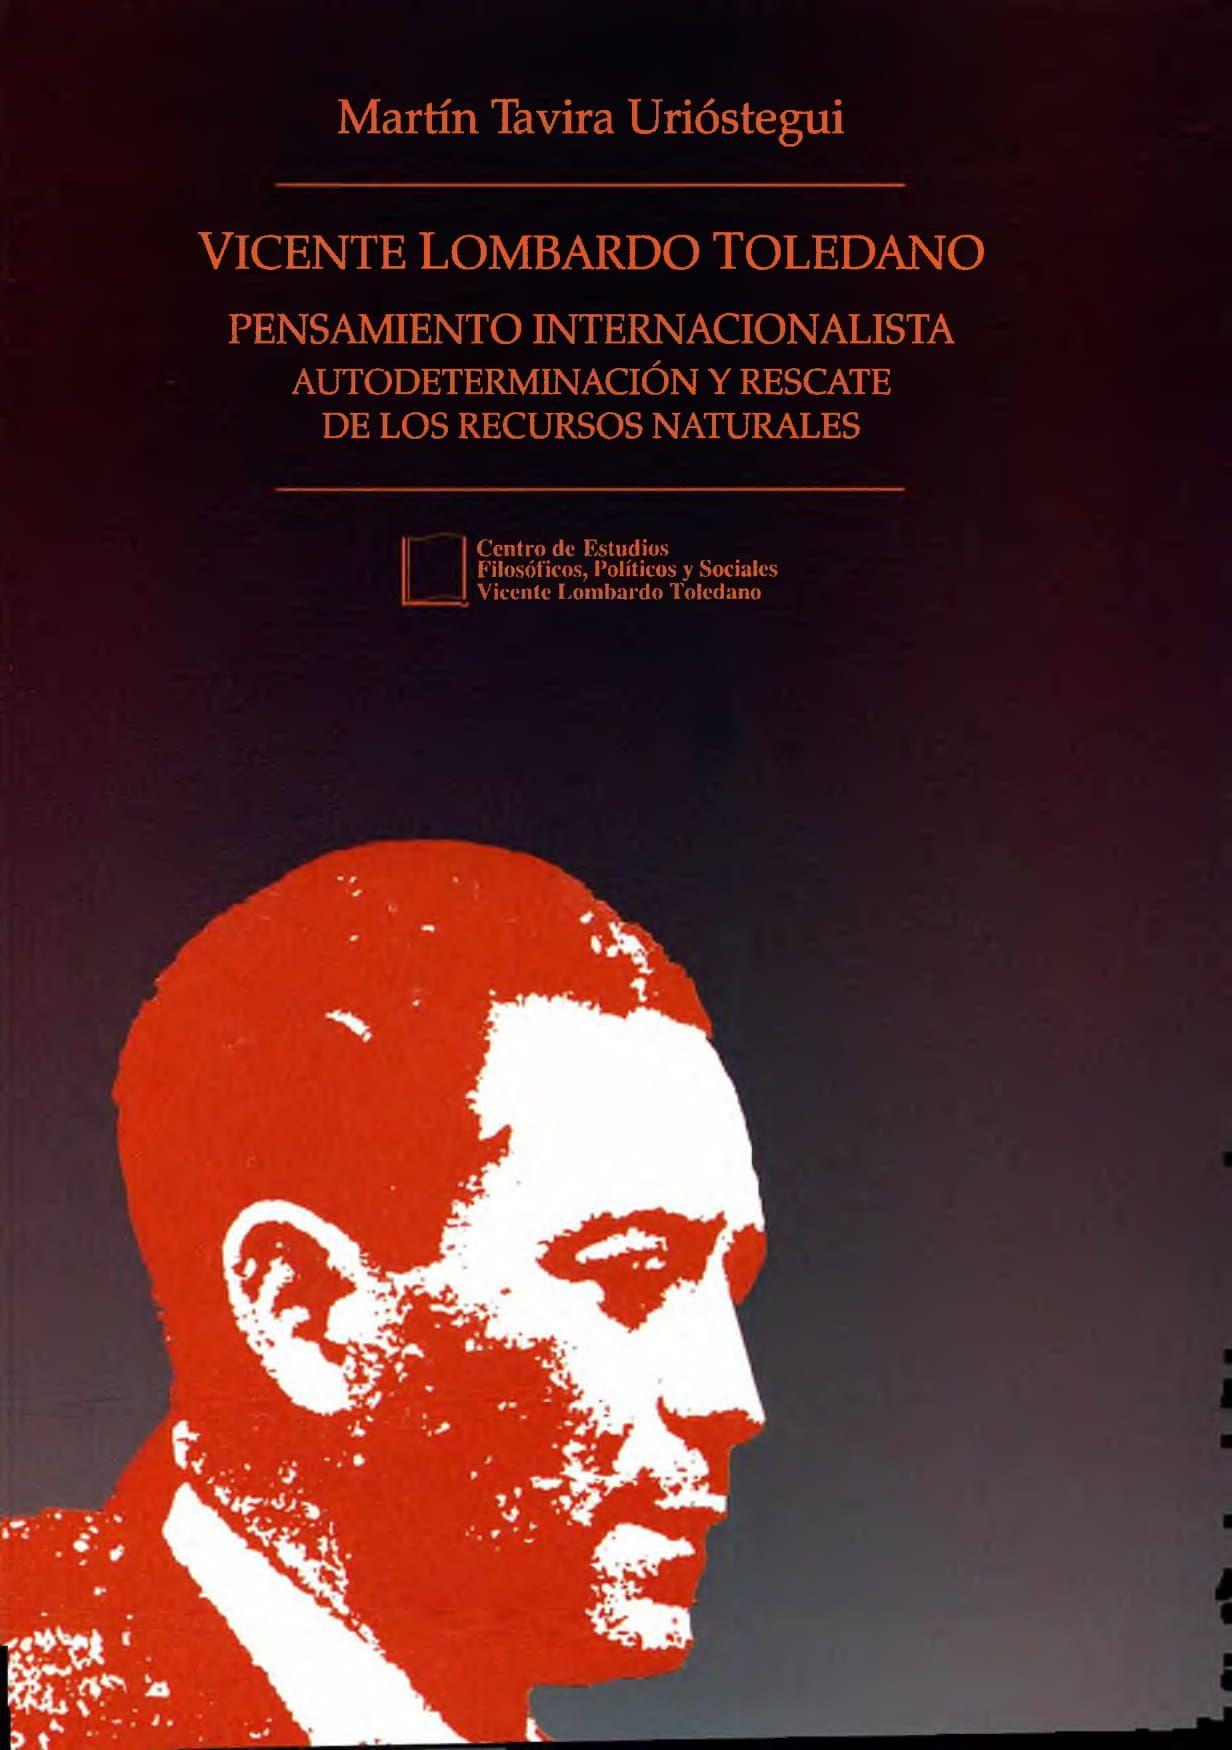 Portada del libro: Vicente Lombardo Toledano. Pensamiento internacionalista. Autodeterminación y rescate de los recursos naturales